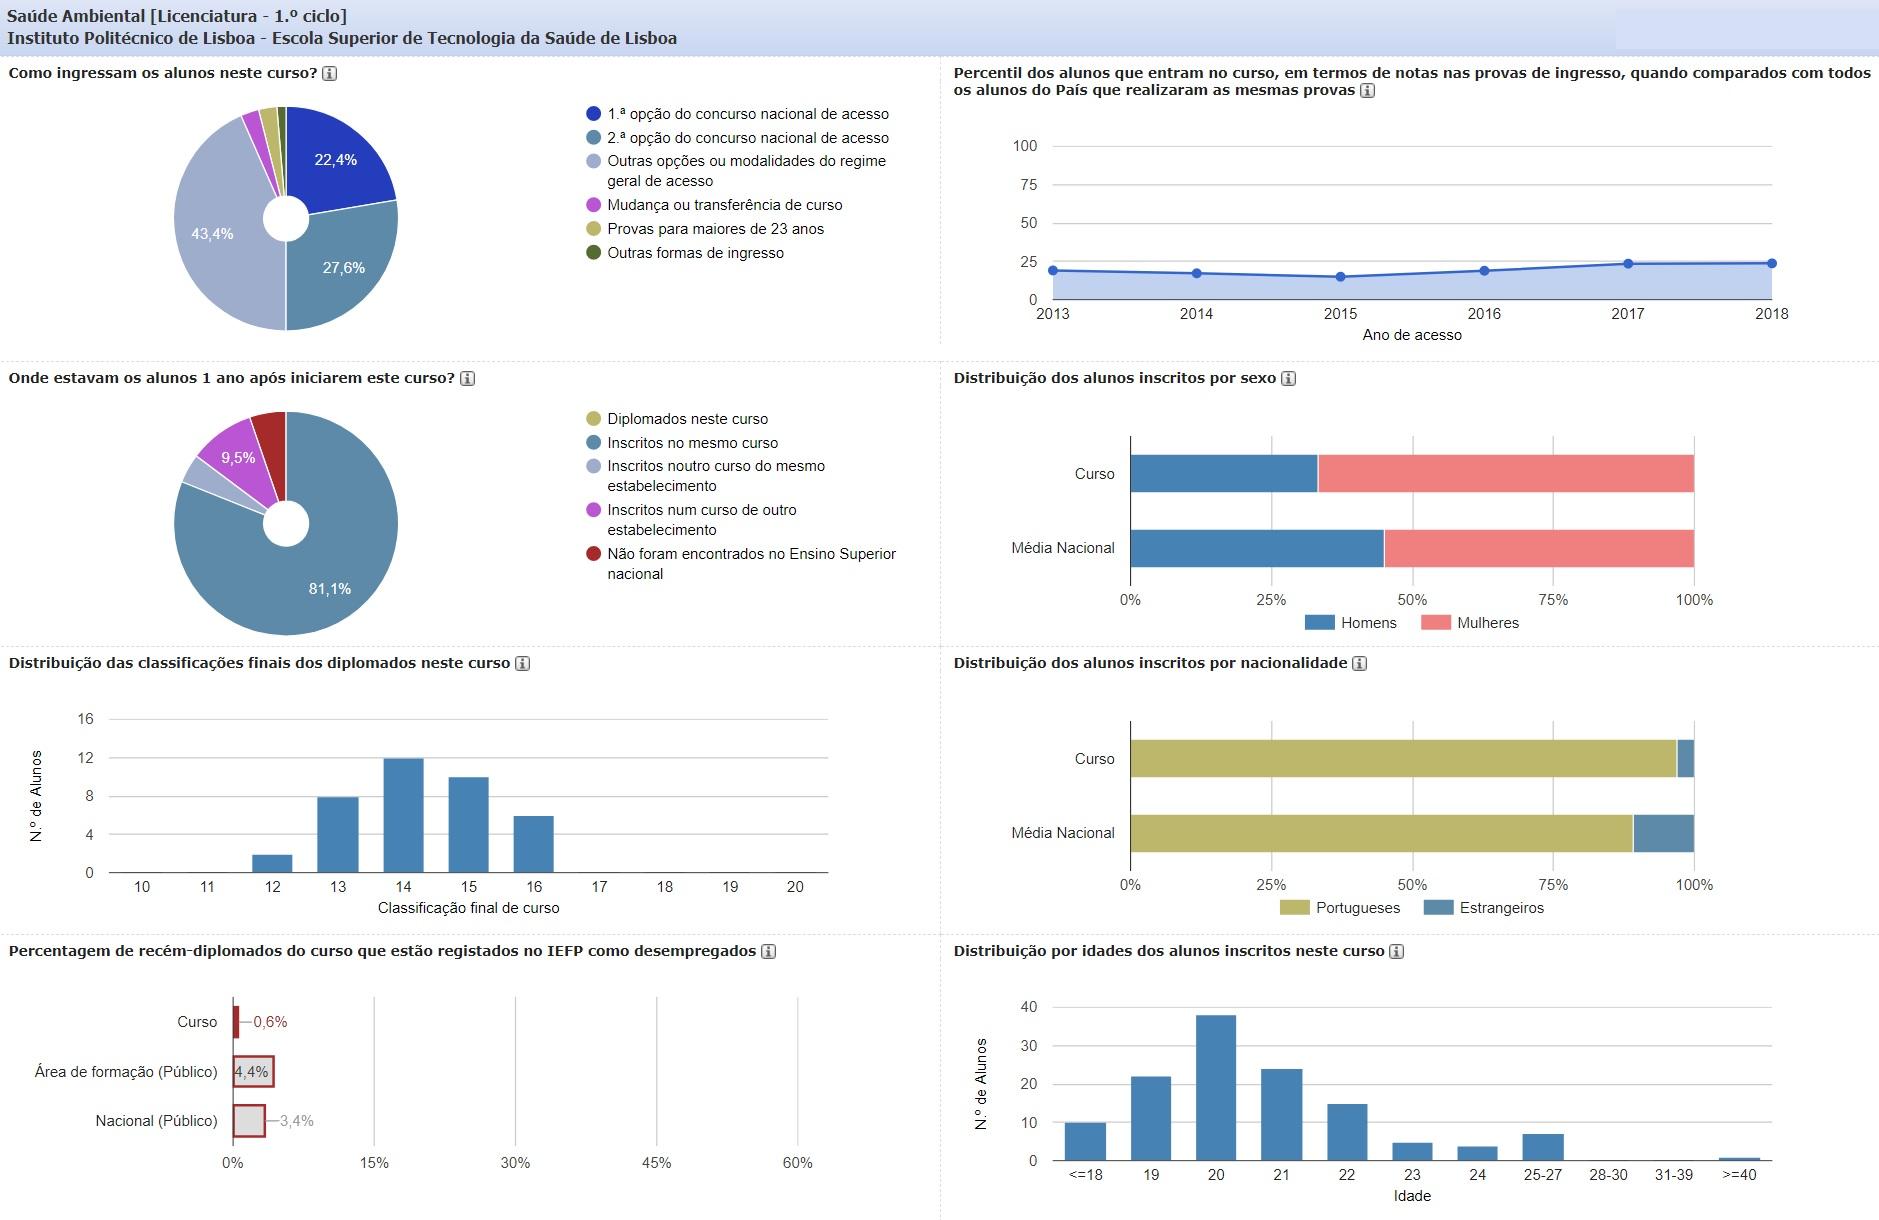 Dados estatisticos do Curso de Licenciatura em Saúde Ambiental ESTeSL referentes a dezembro de 2018